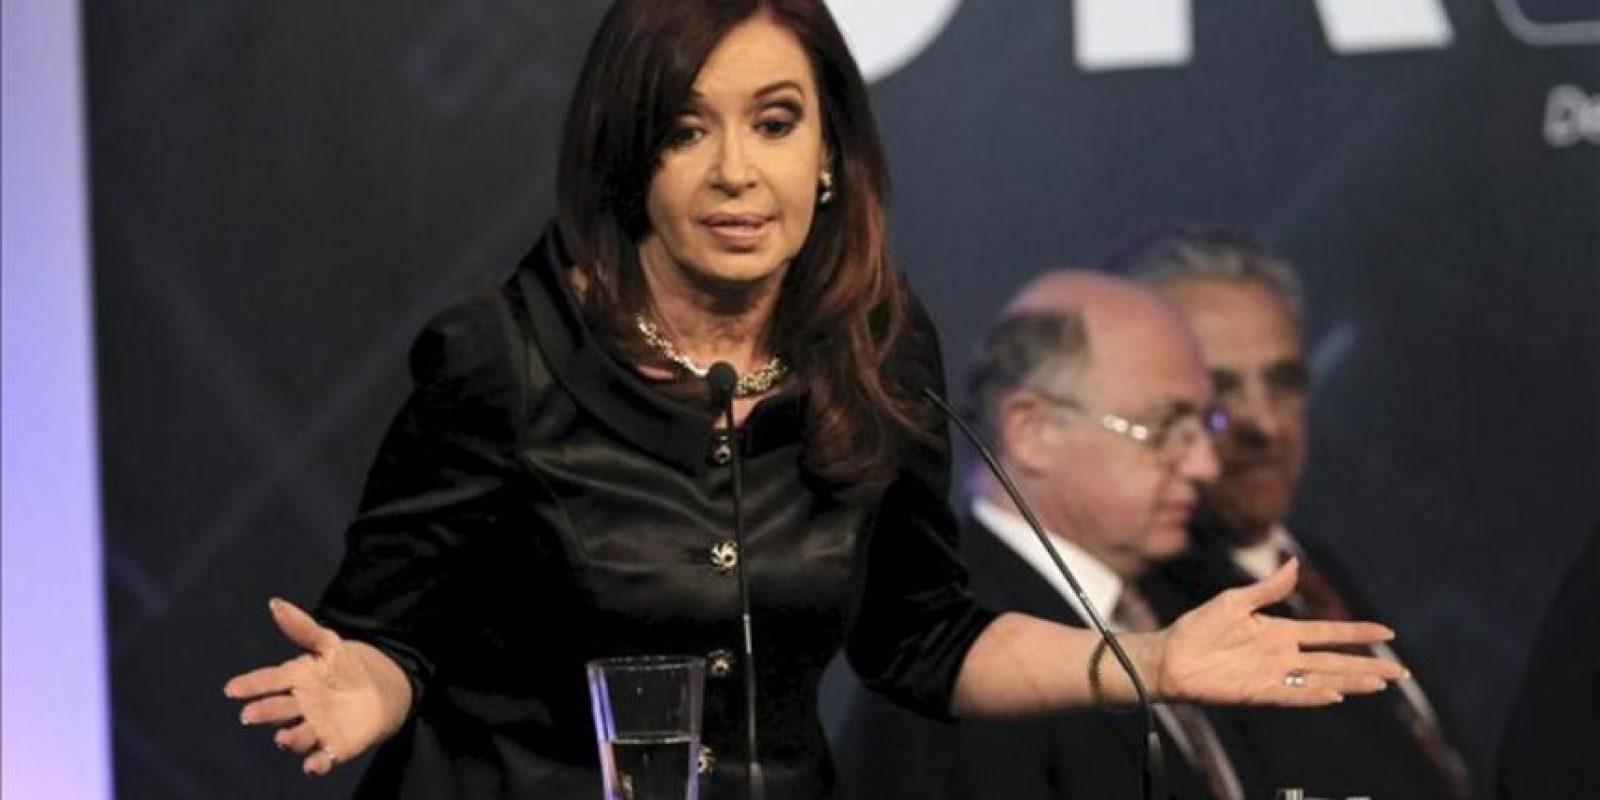 La presidenta de Argentina, Cristina Fernández de Kirchner, en el cierre de la décimo octava edición de la conferencia anual de la Unión Industrial Argentina (UIA), ayer 28 de noviembre, en Los Cardales. EFE/Archivo